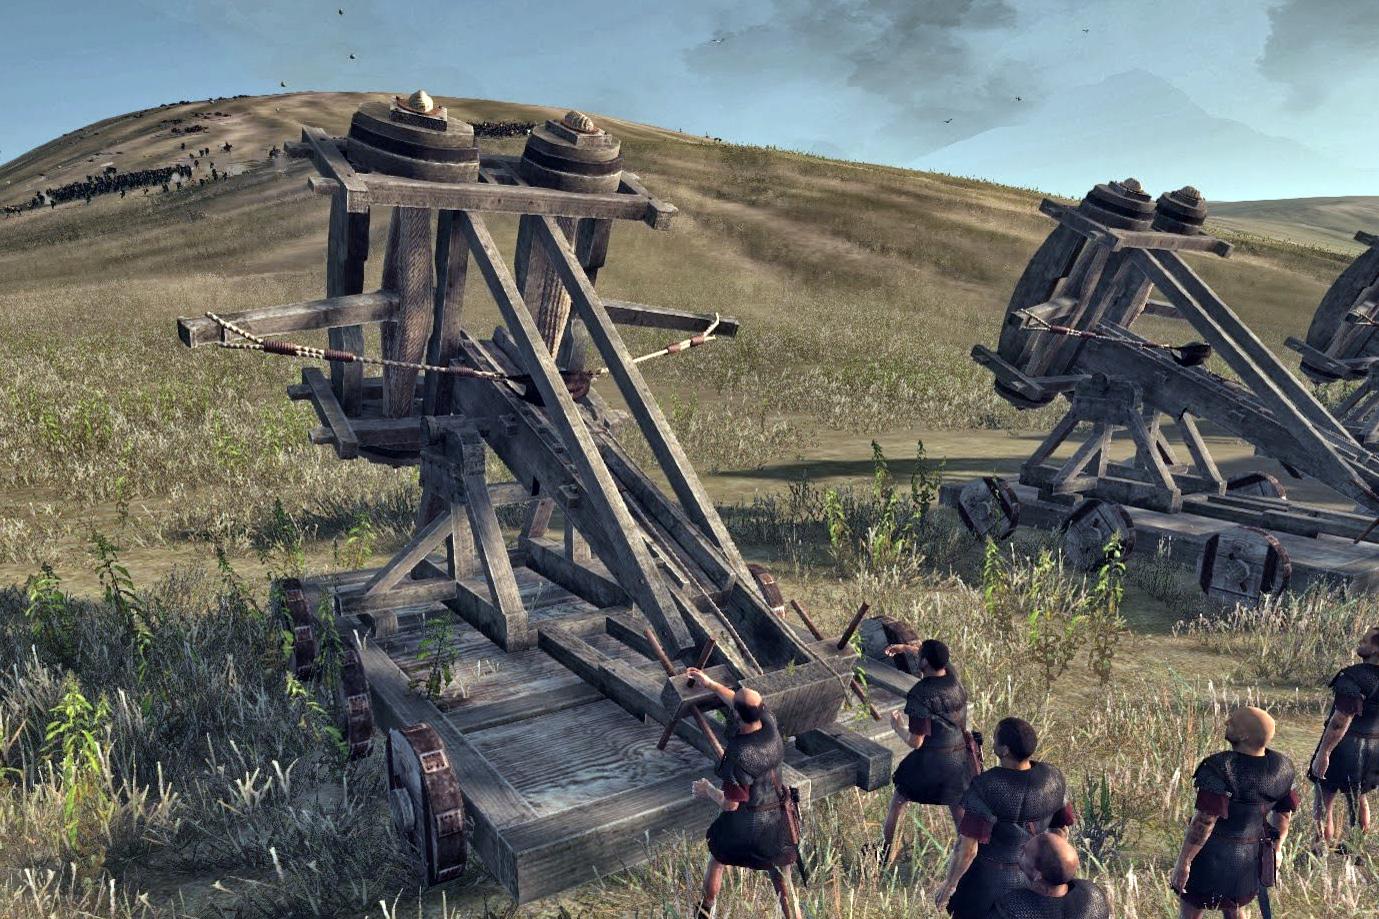 Nỏ khổng lồ Ballista – kỳ quan kỹ thuật quân sự của người La Mã